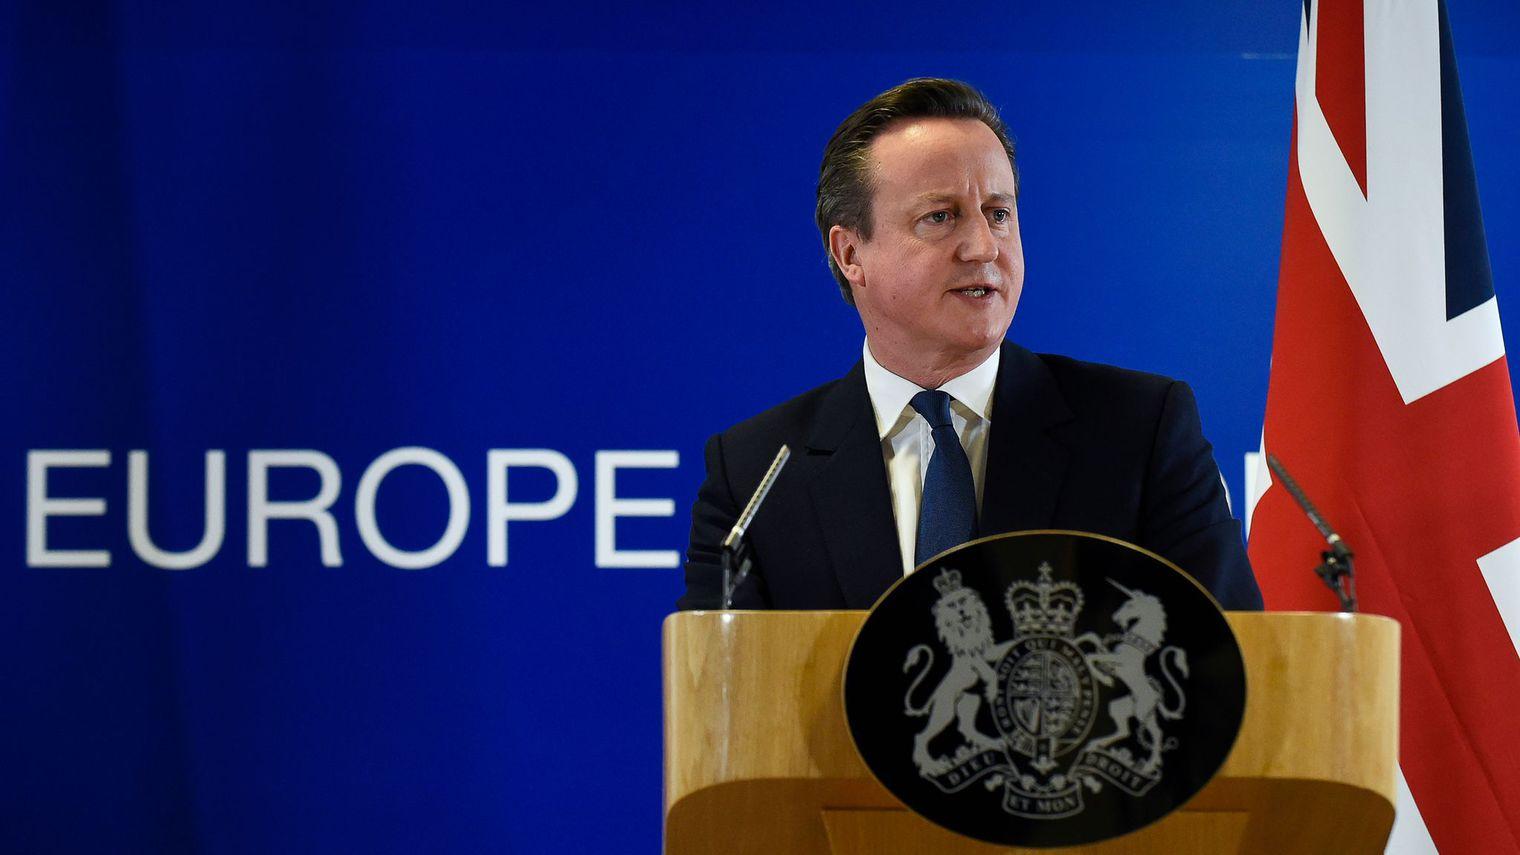 le-premier-ministre-britannique-david-cameron-donne-une-conference-de-presse-le-19-fevrier-2016-a-bruxelles-apres-avoir-obtenu-un-accord-avec-les-membres-de-l-ue-sur-les-reformes-qu-il-a-proposees_5532861.jpg